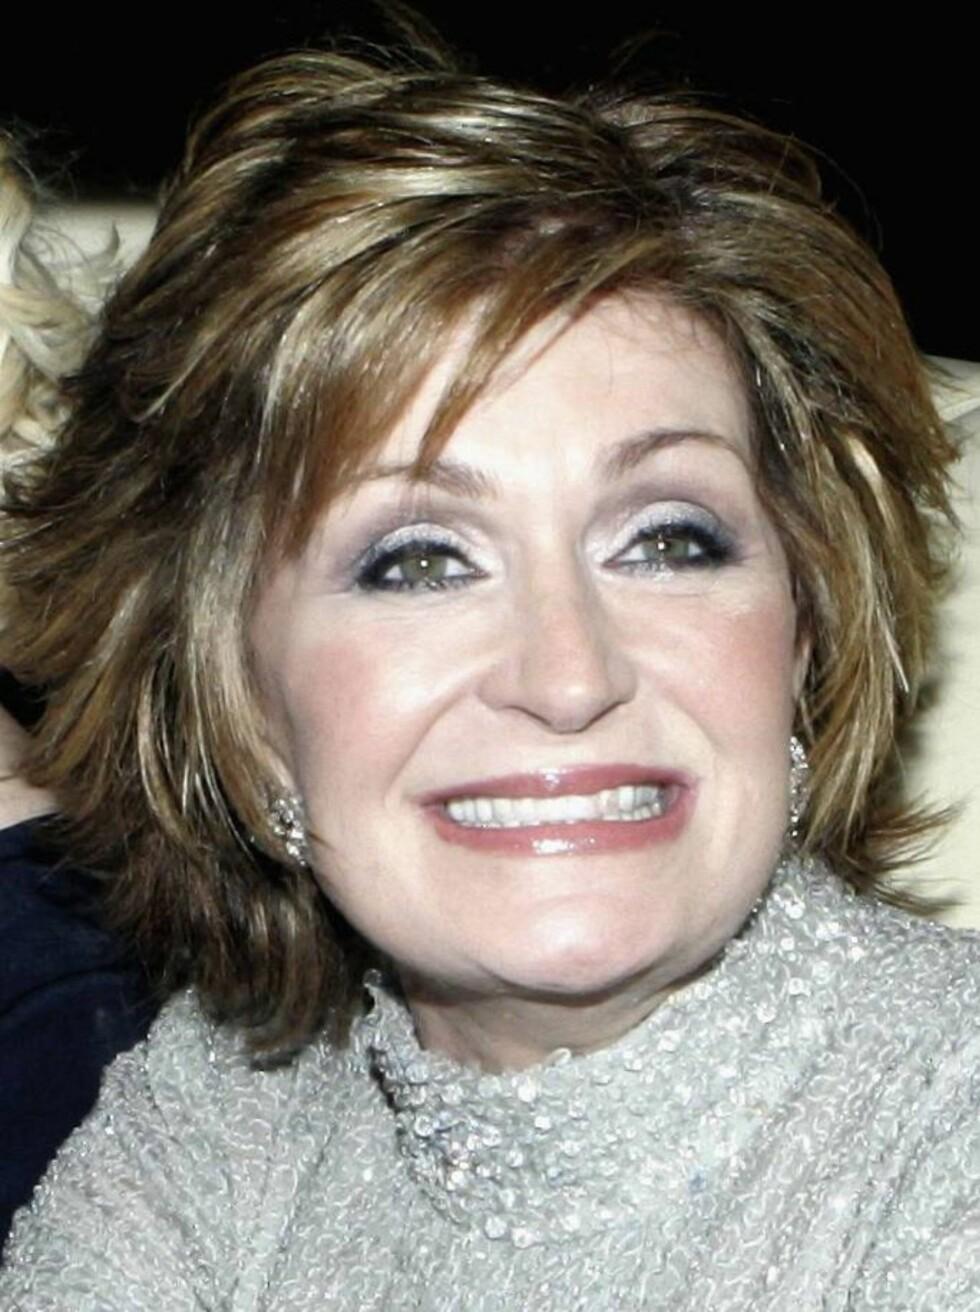 STRÅLER: Sharon Osbourne har hatt mer suksess med sine plastiske inngrep enn Michael Jackson. Foto: All Over Press